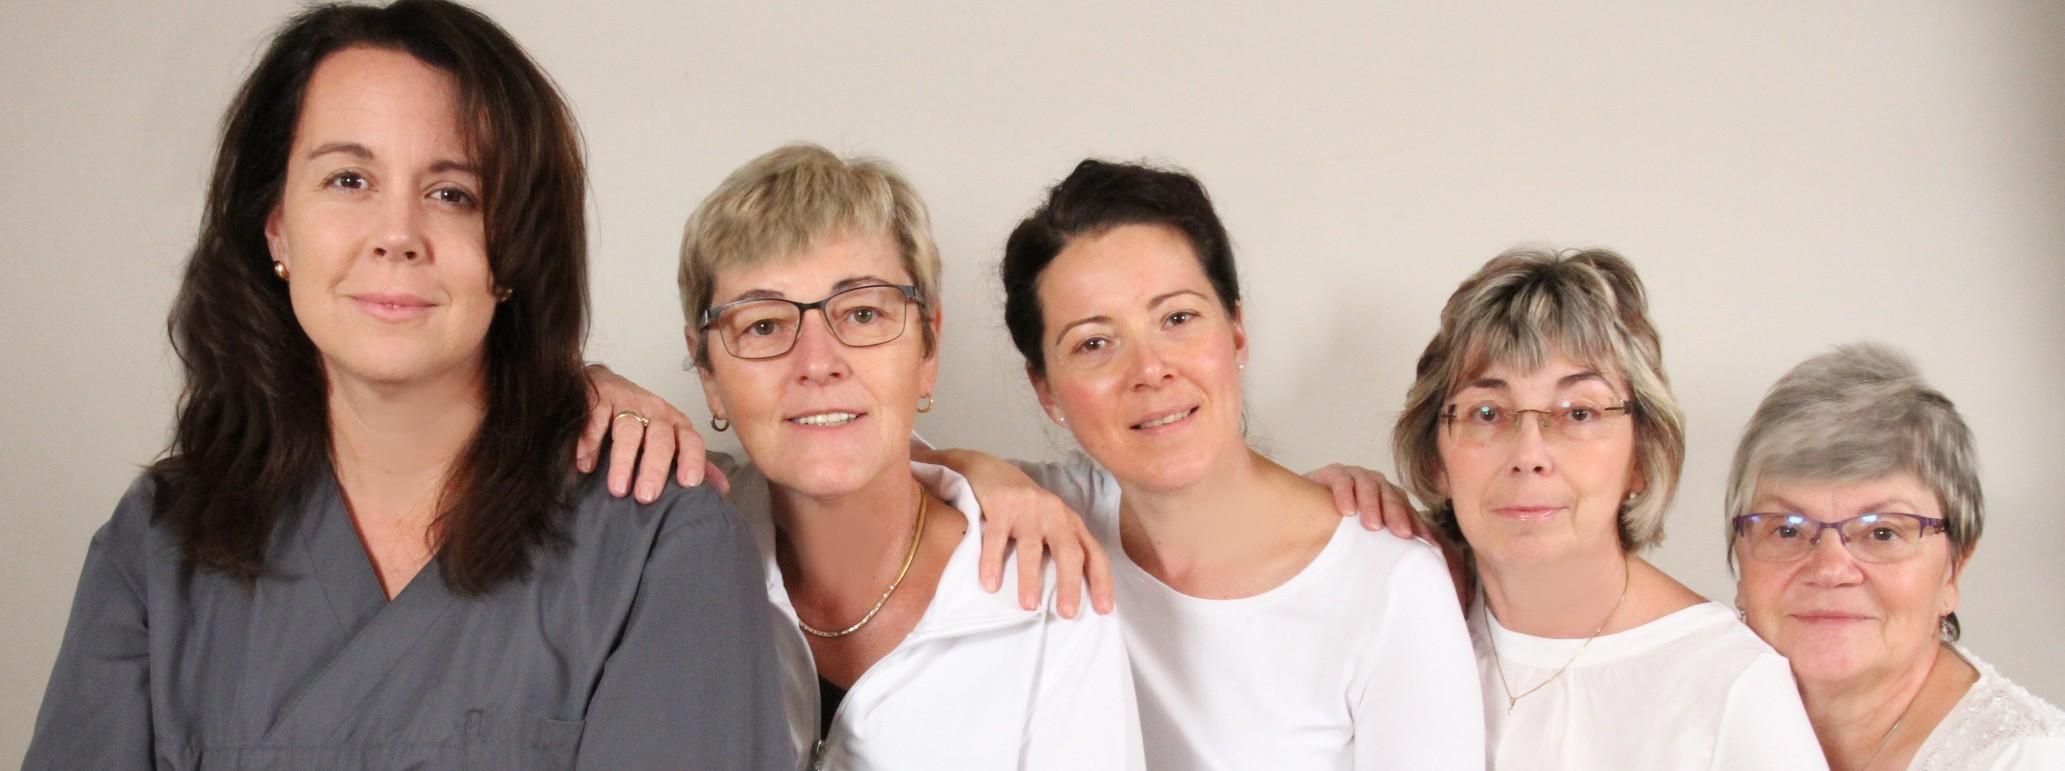 Hausarzt Teutschenthal - das Team